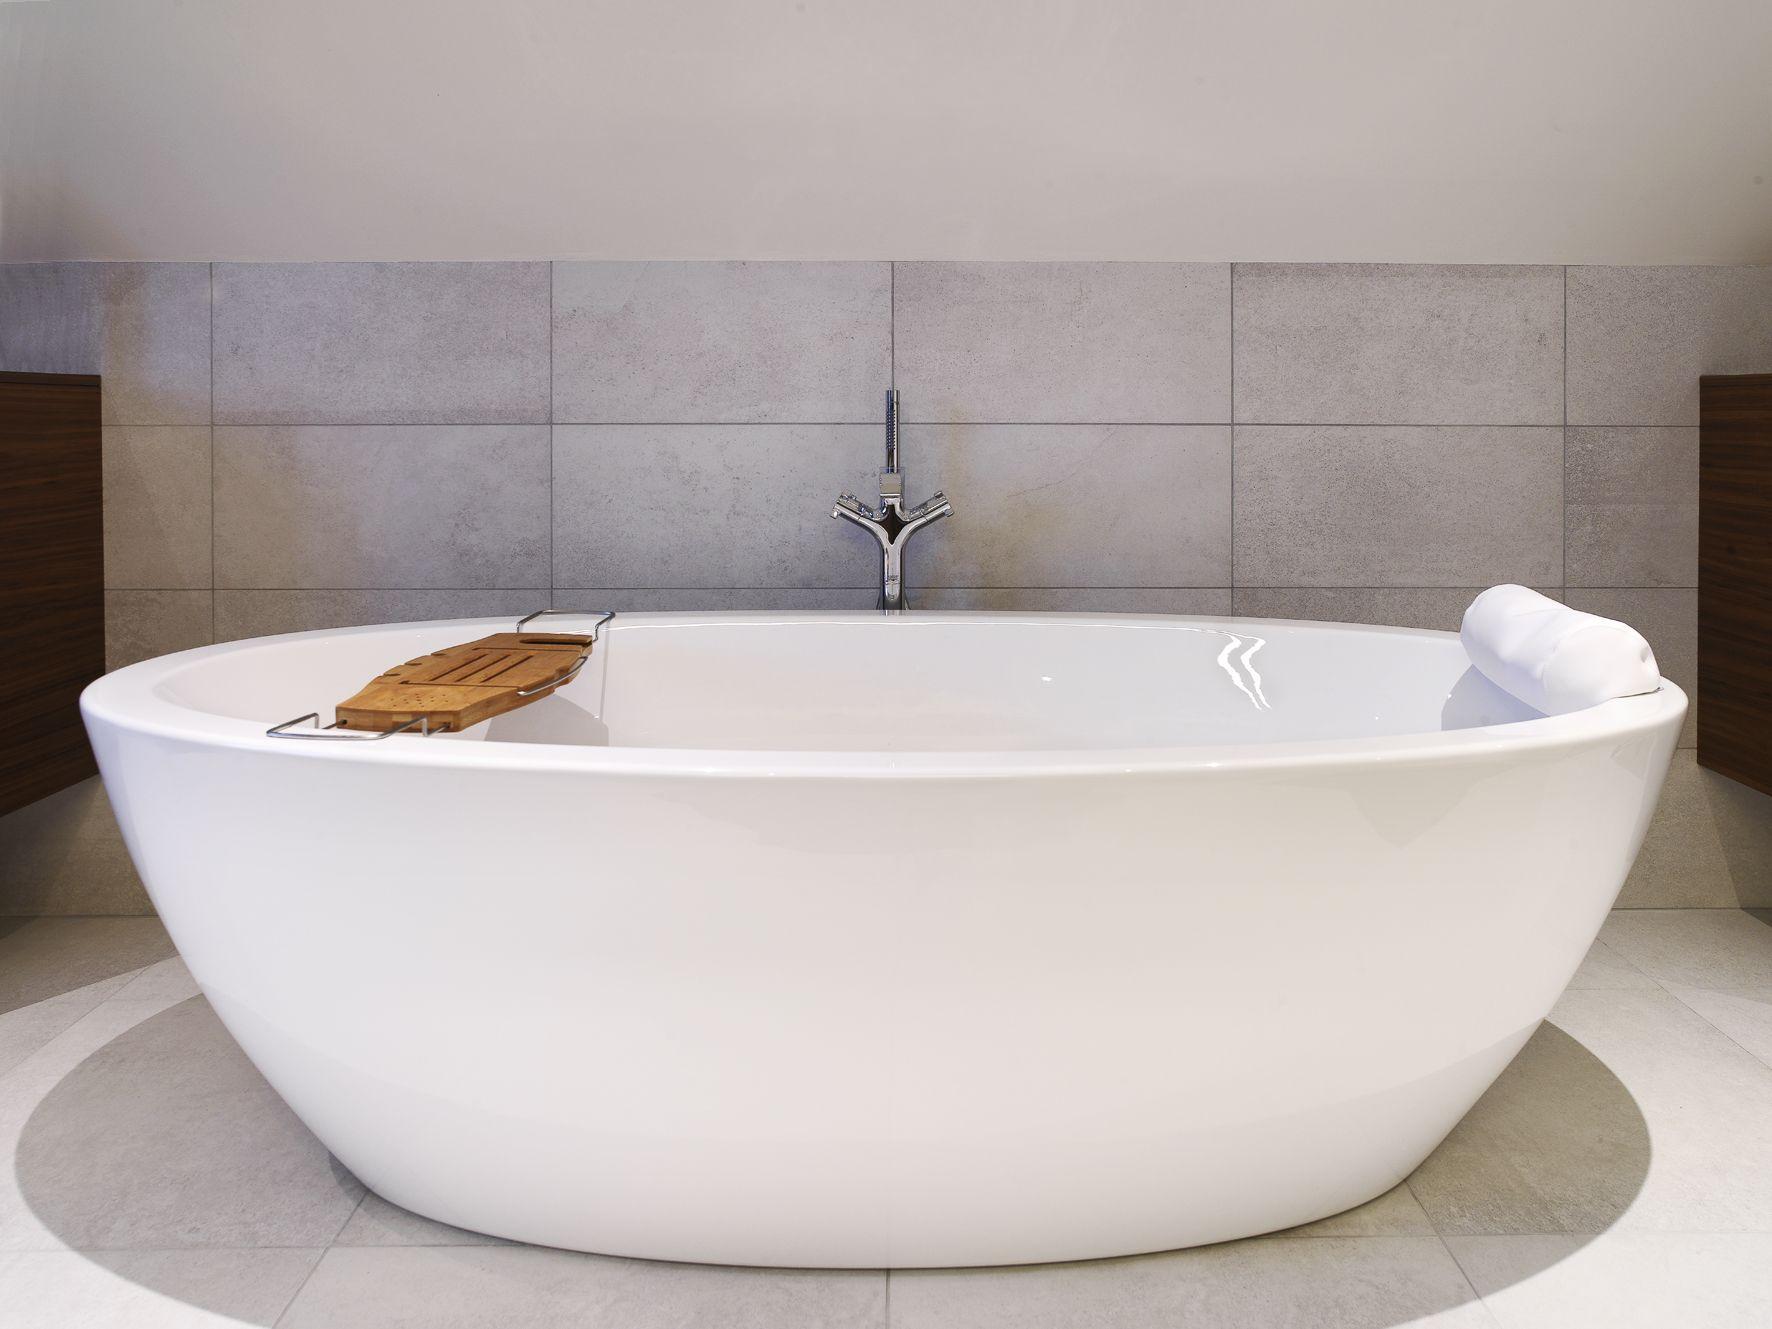 vrijstaand bad van villeroy boch in binatie met grijze tegel